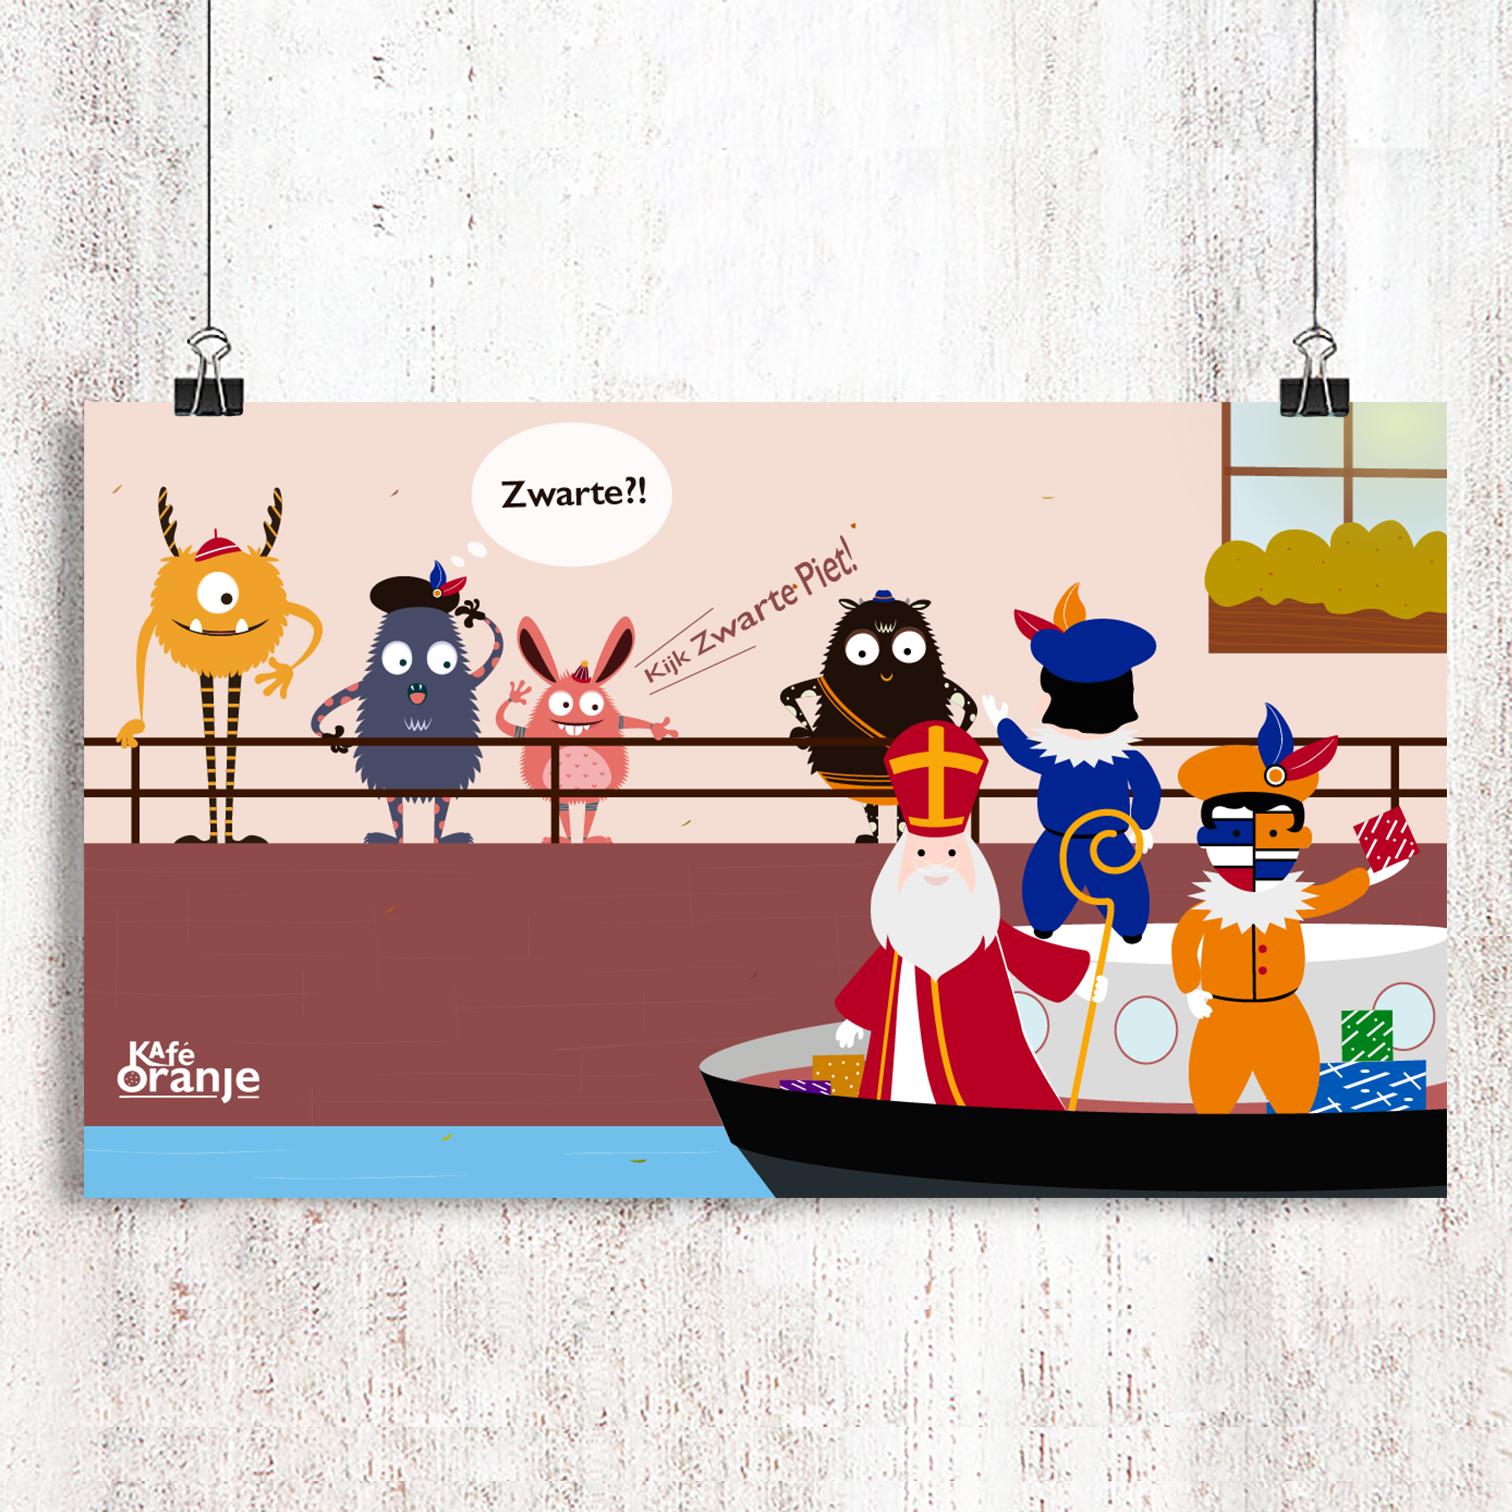 Zwart Piet- Café Oranje